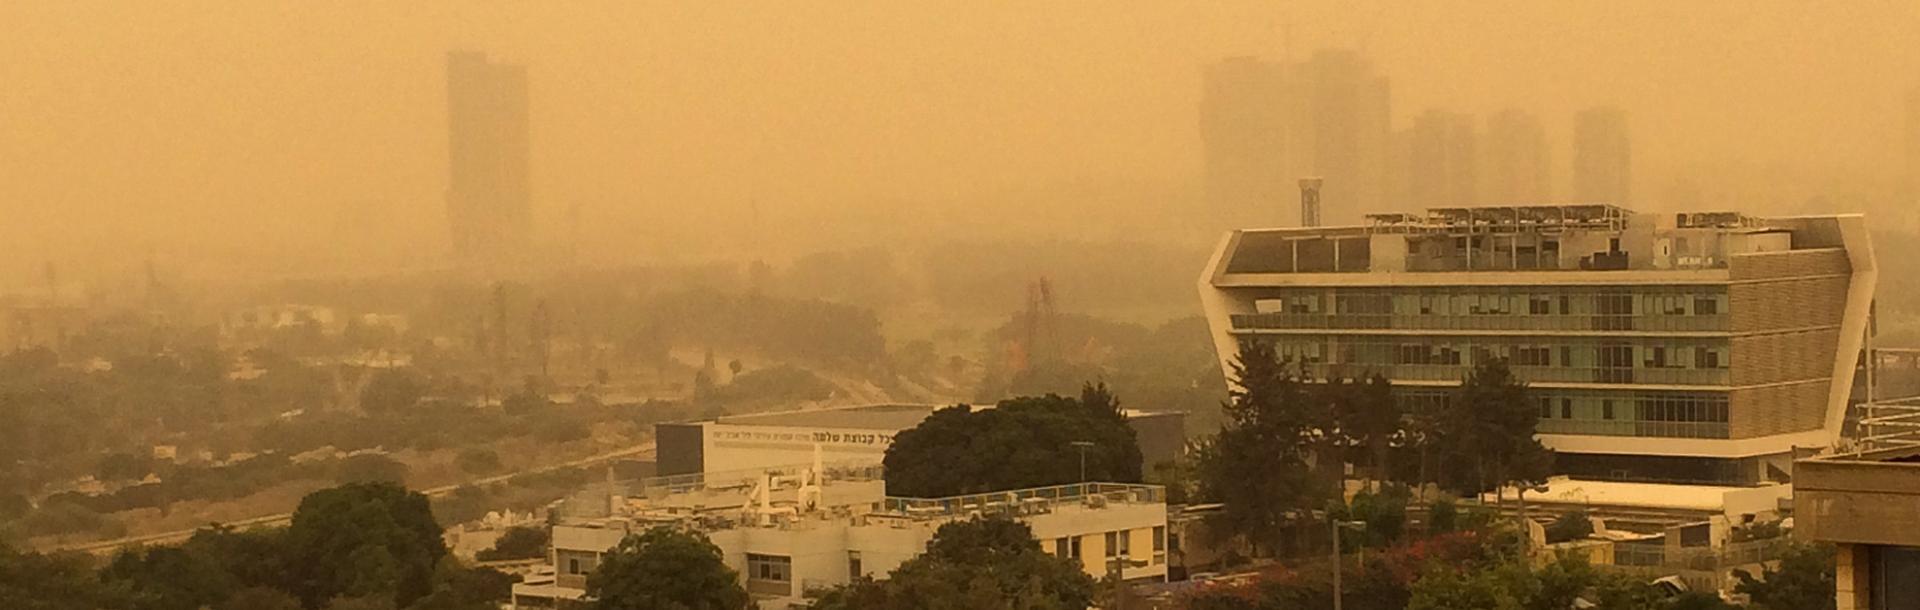 זיהום אוויר - הקשר לקרינה, איכות האוויר ומזג האוויר